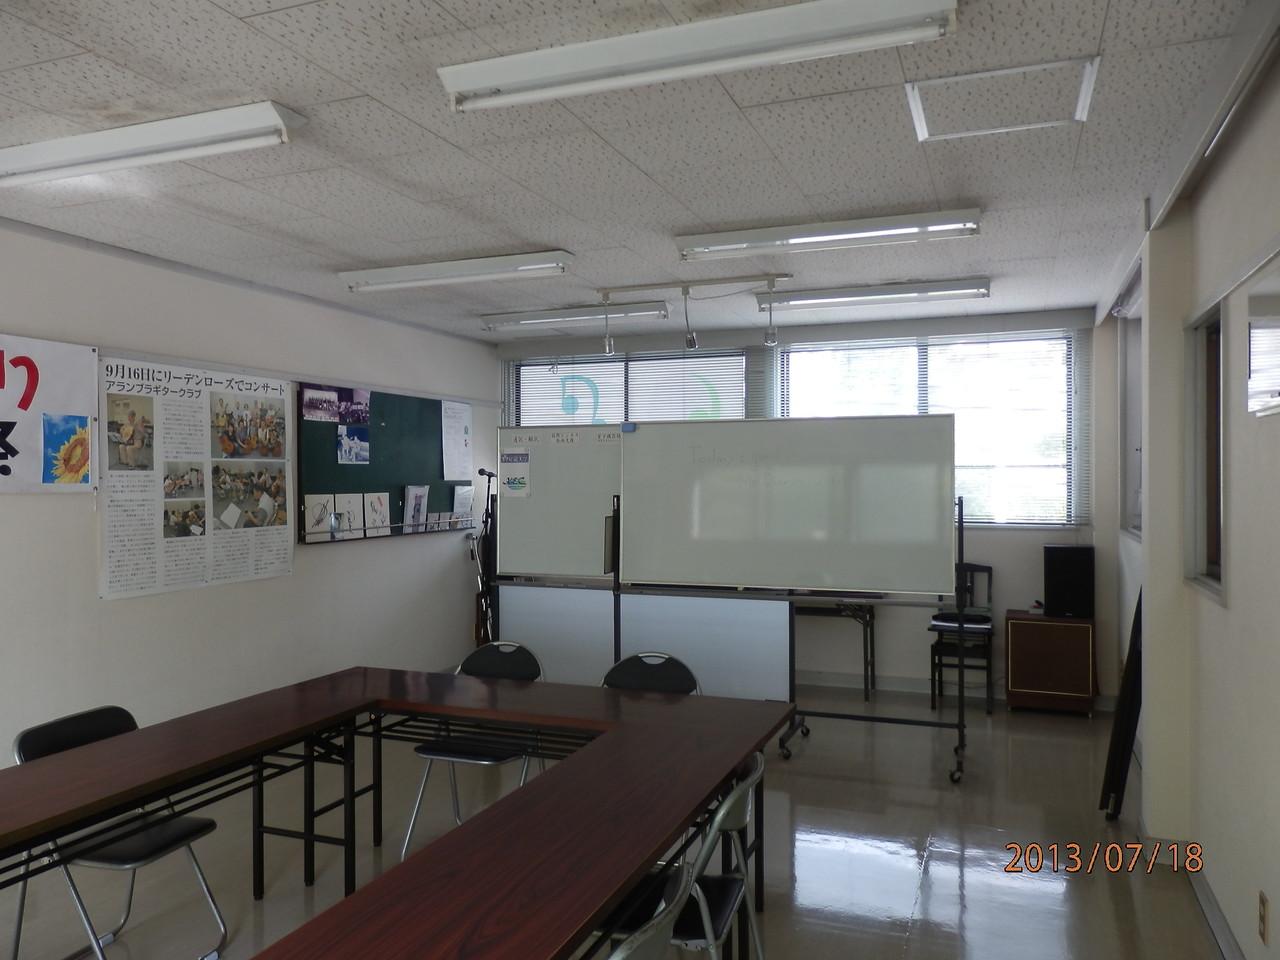 KECビル2階、201号室(10坪)内部(音楽演奏、練習室として使用)